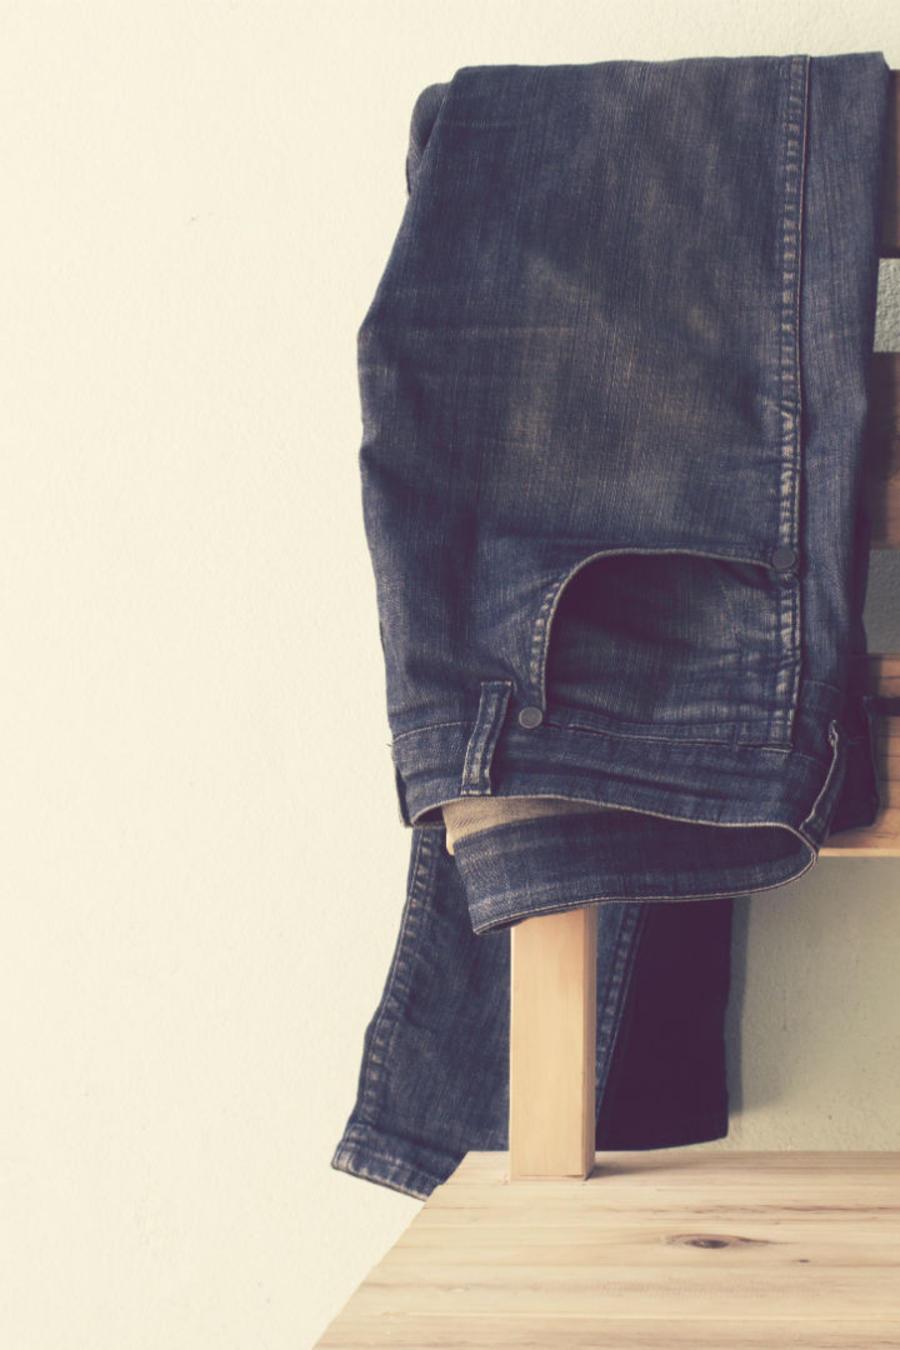 Jeans sobre una silla de madera